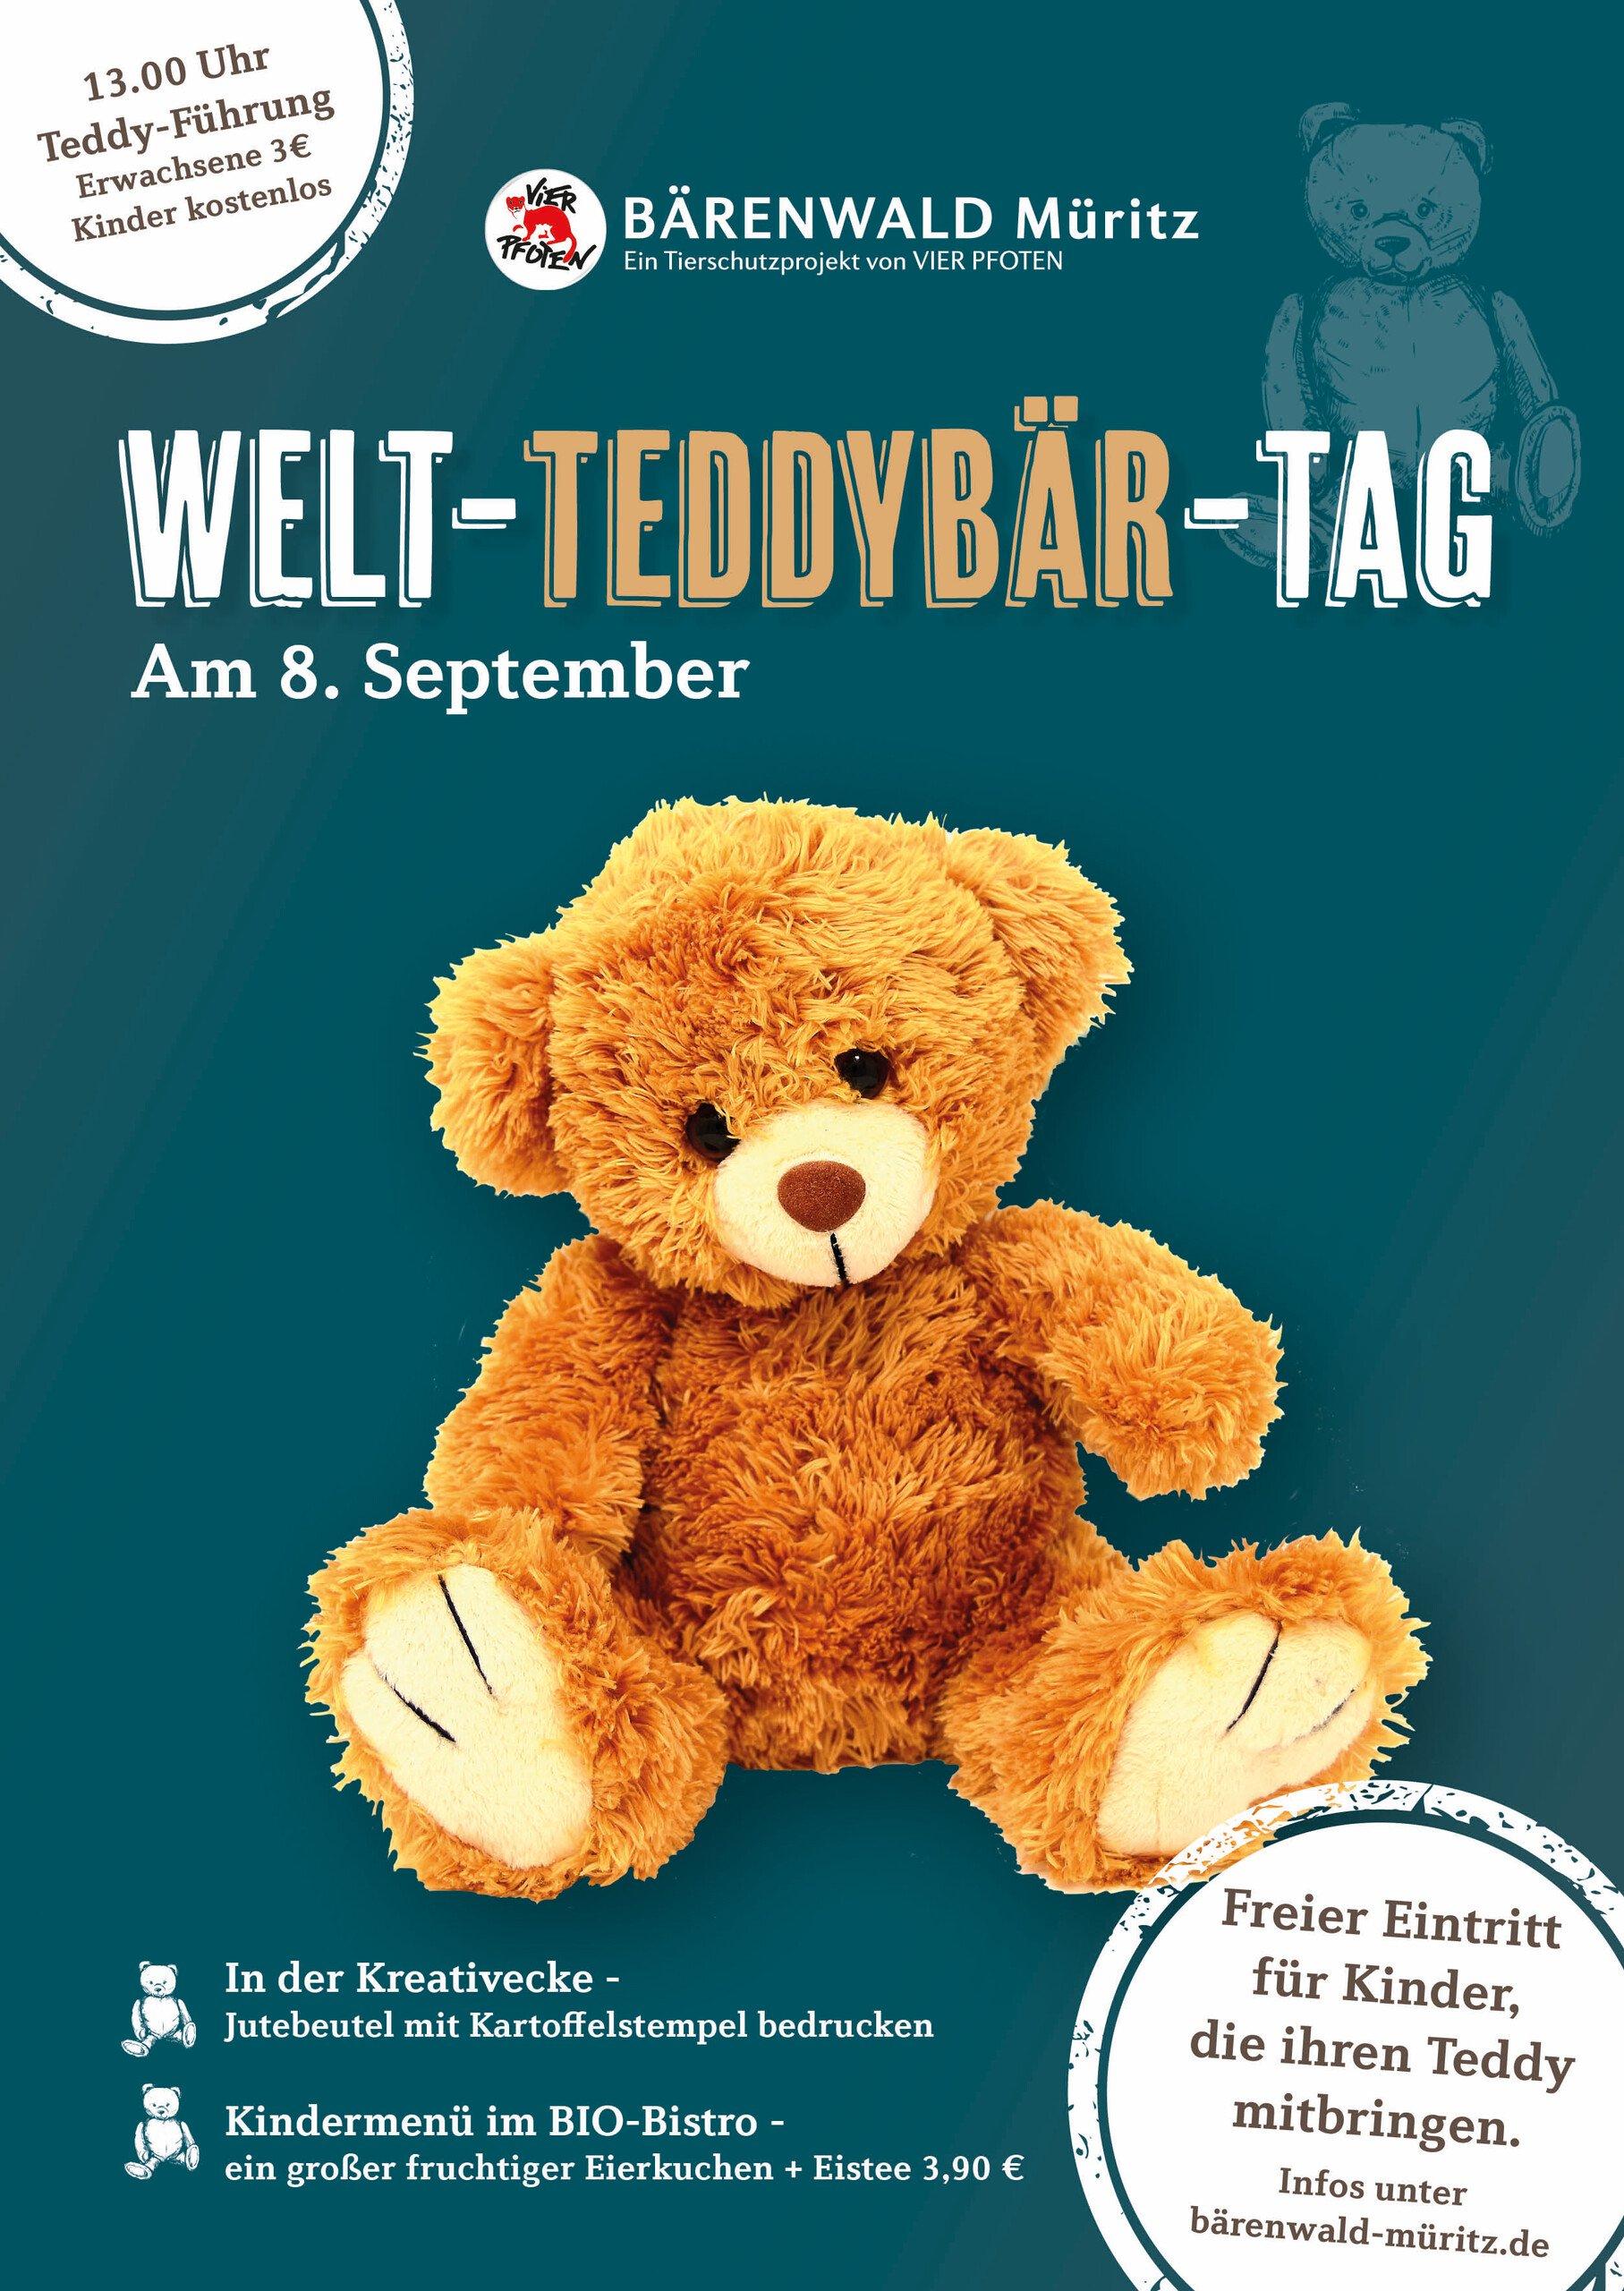 Welt-Teddy-Tag im Bärenwald Müritz am 08.09.19 mit freiem Eintritt für Kinder, die ihren Teddy mitbringen